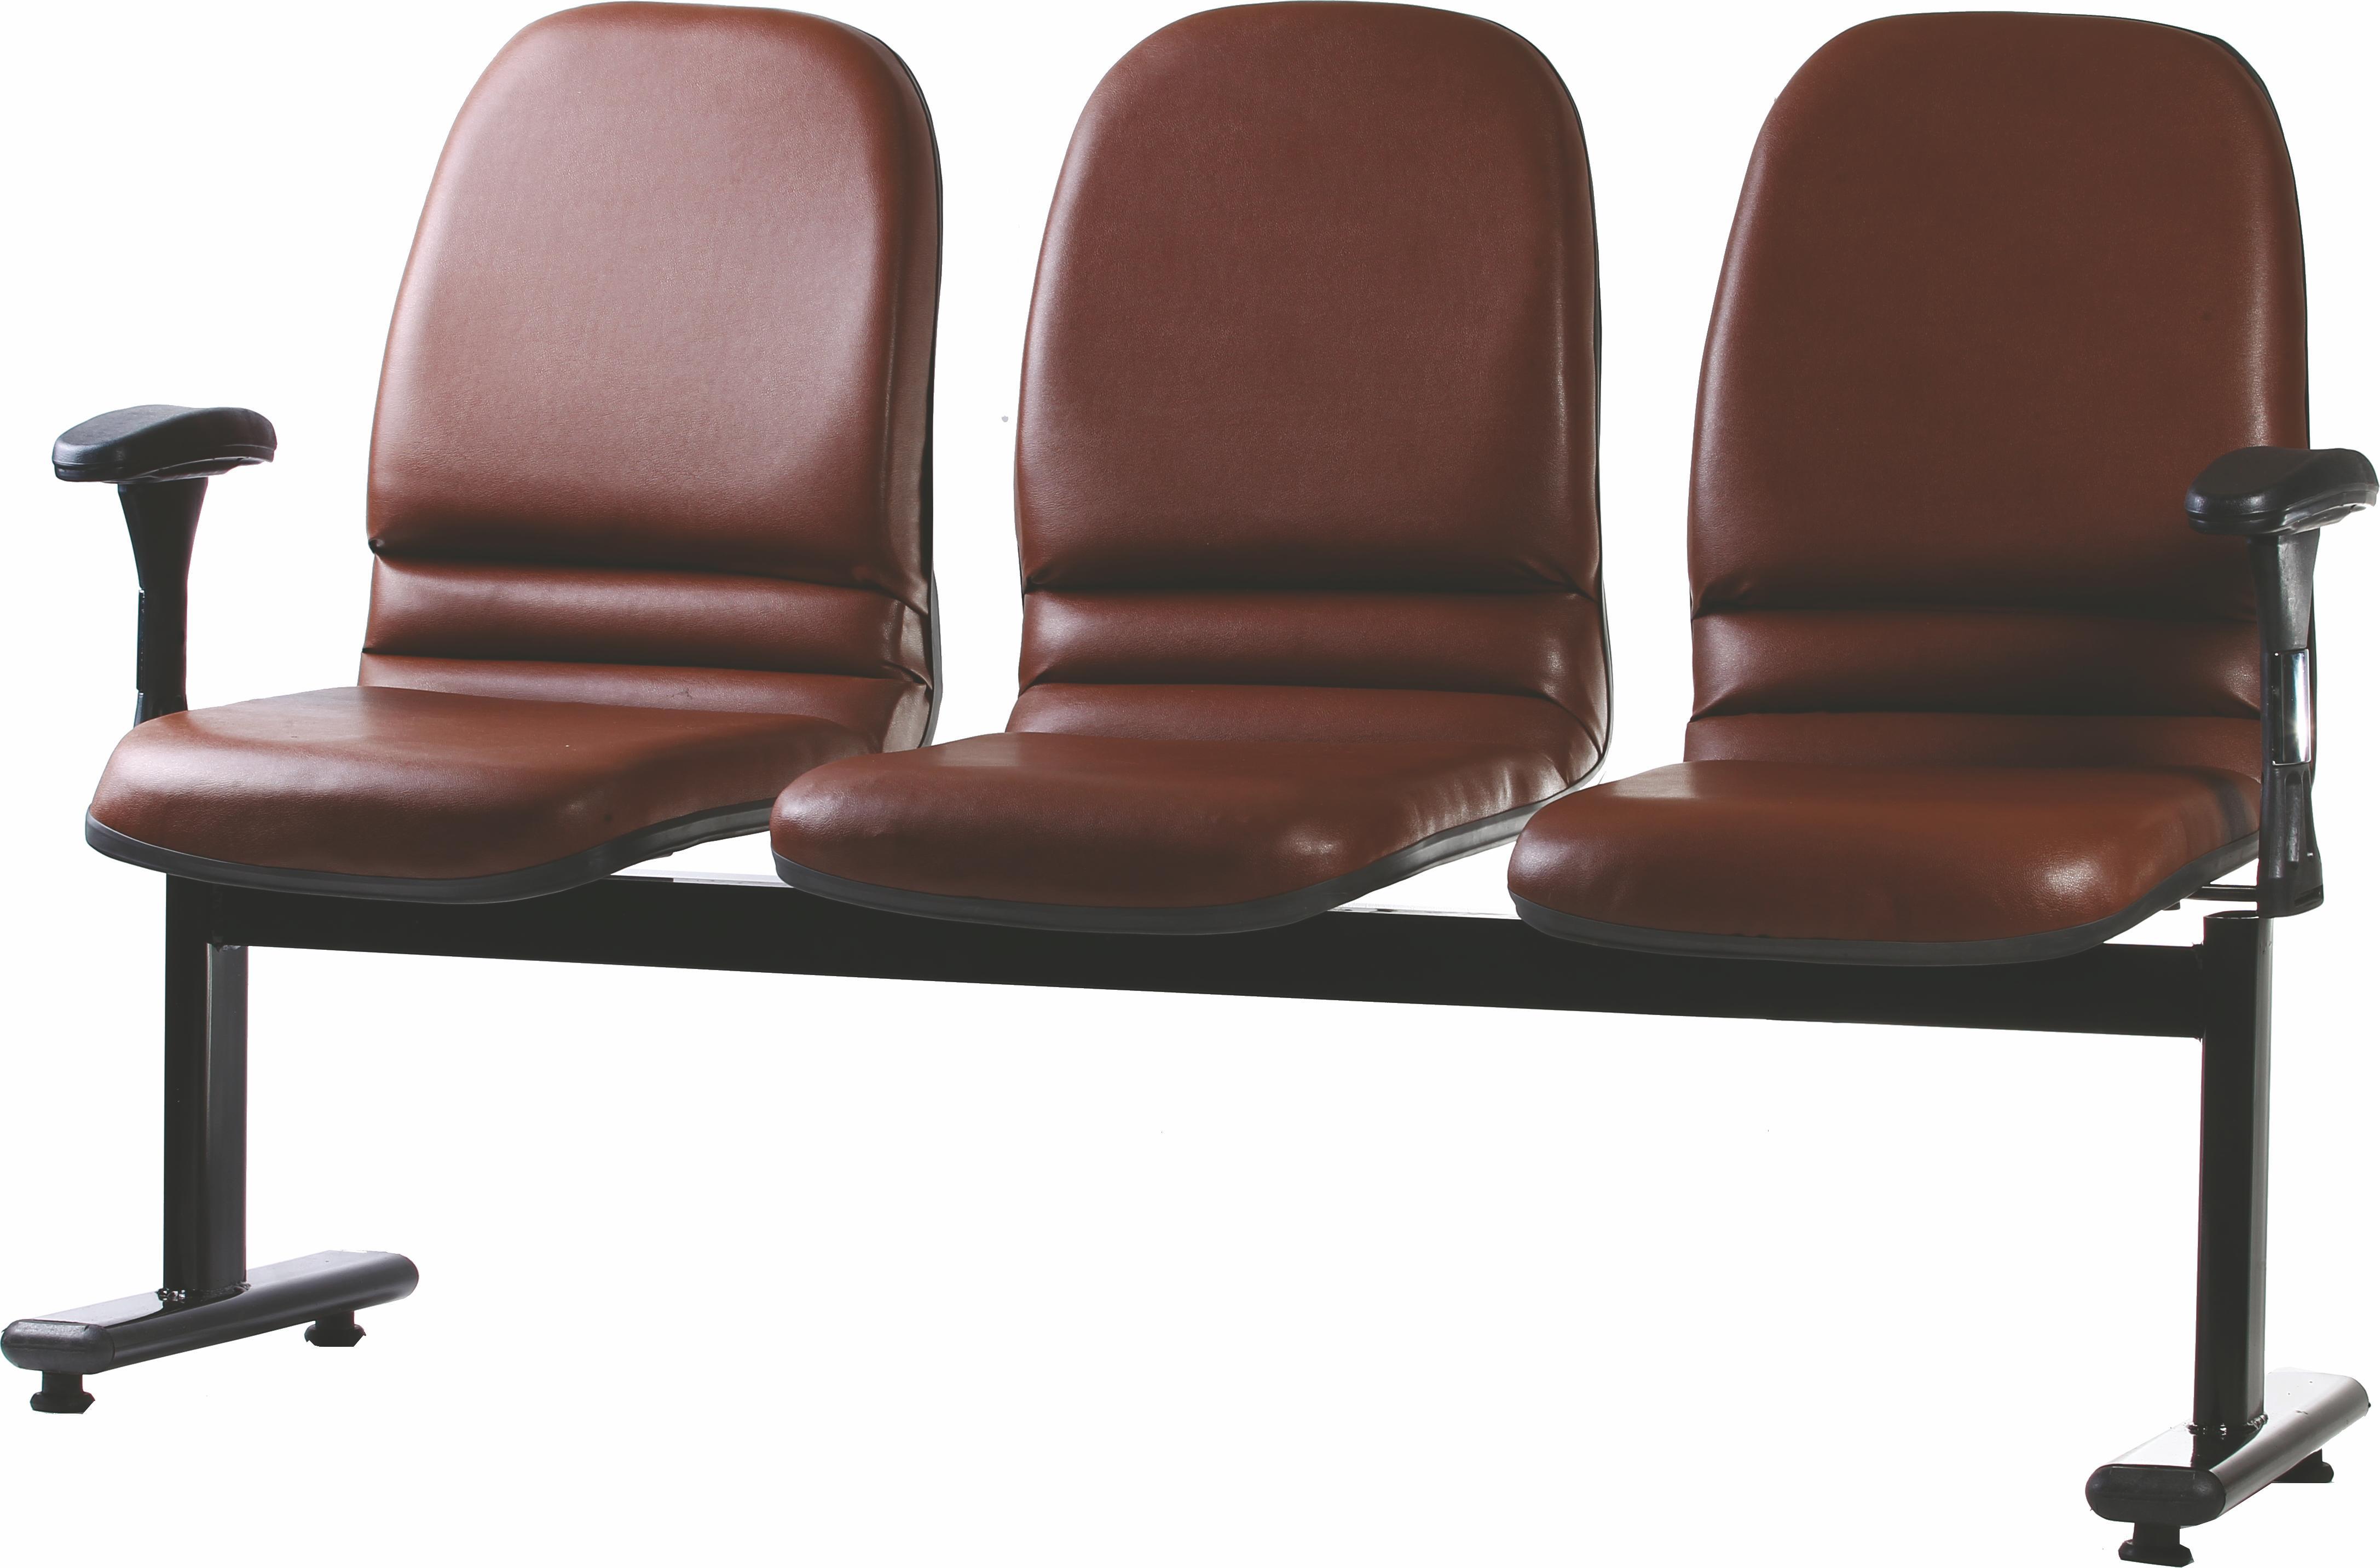 صندلی انتظار کد 3-688